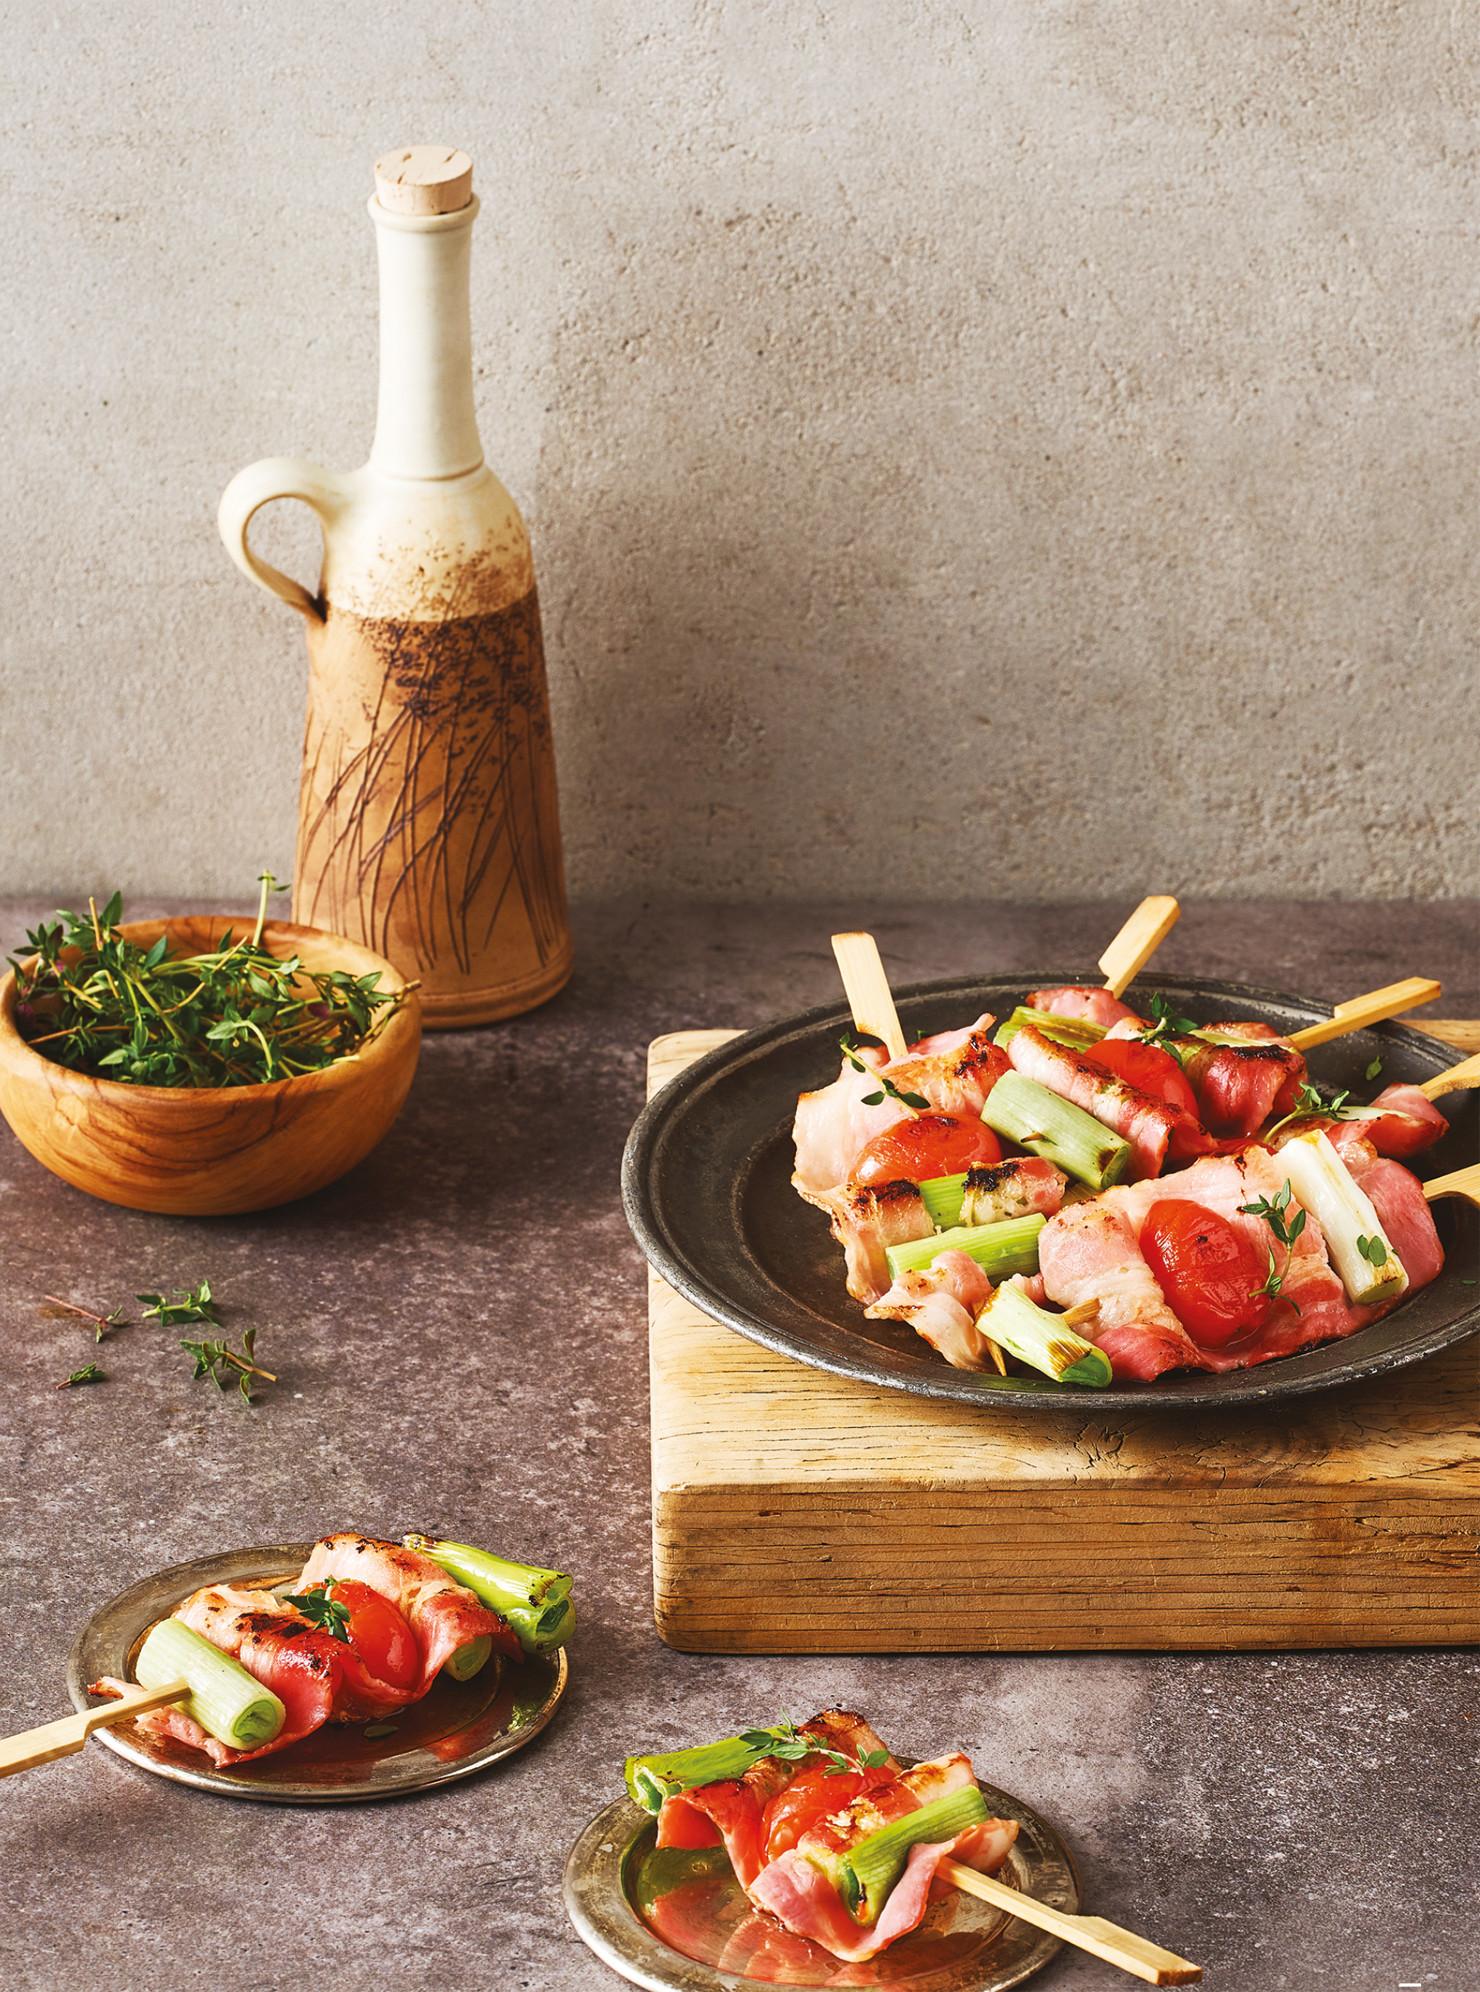 香蒜番茄培根捲串燒